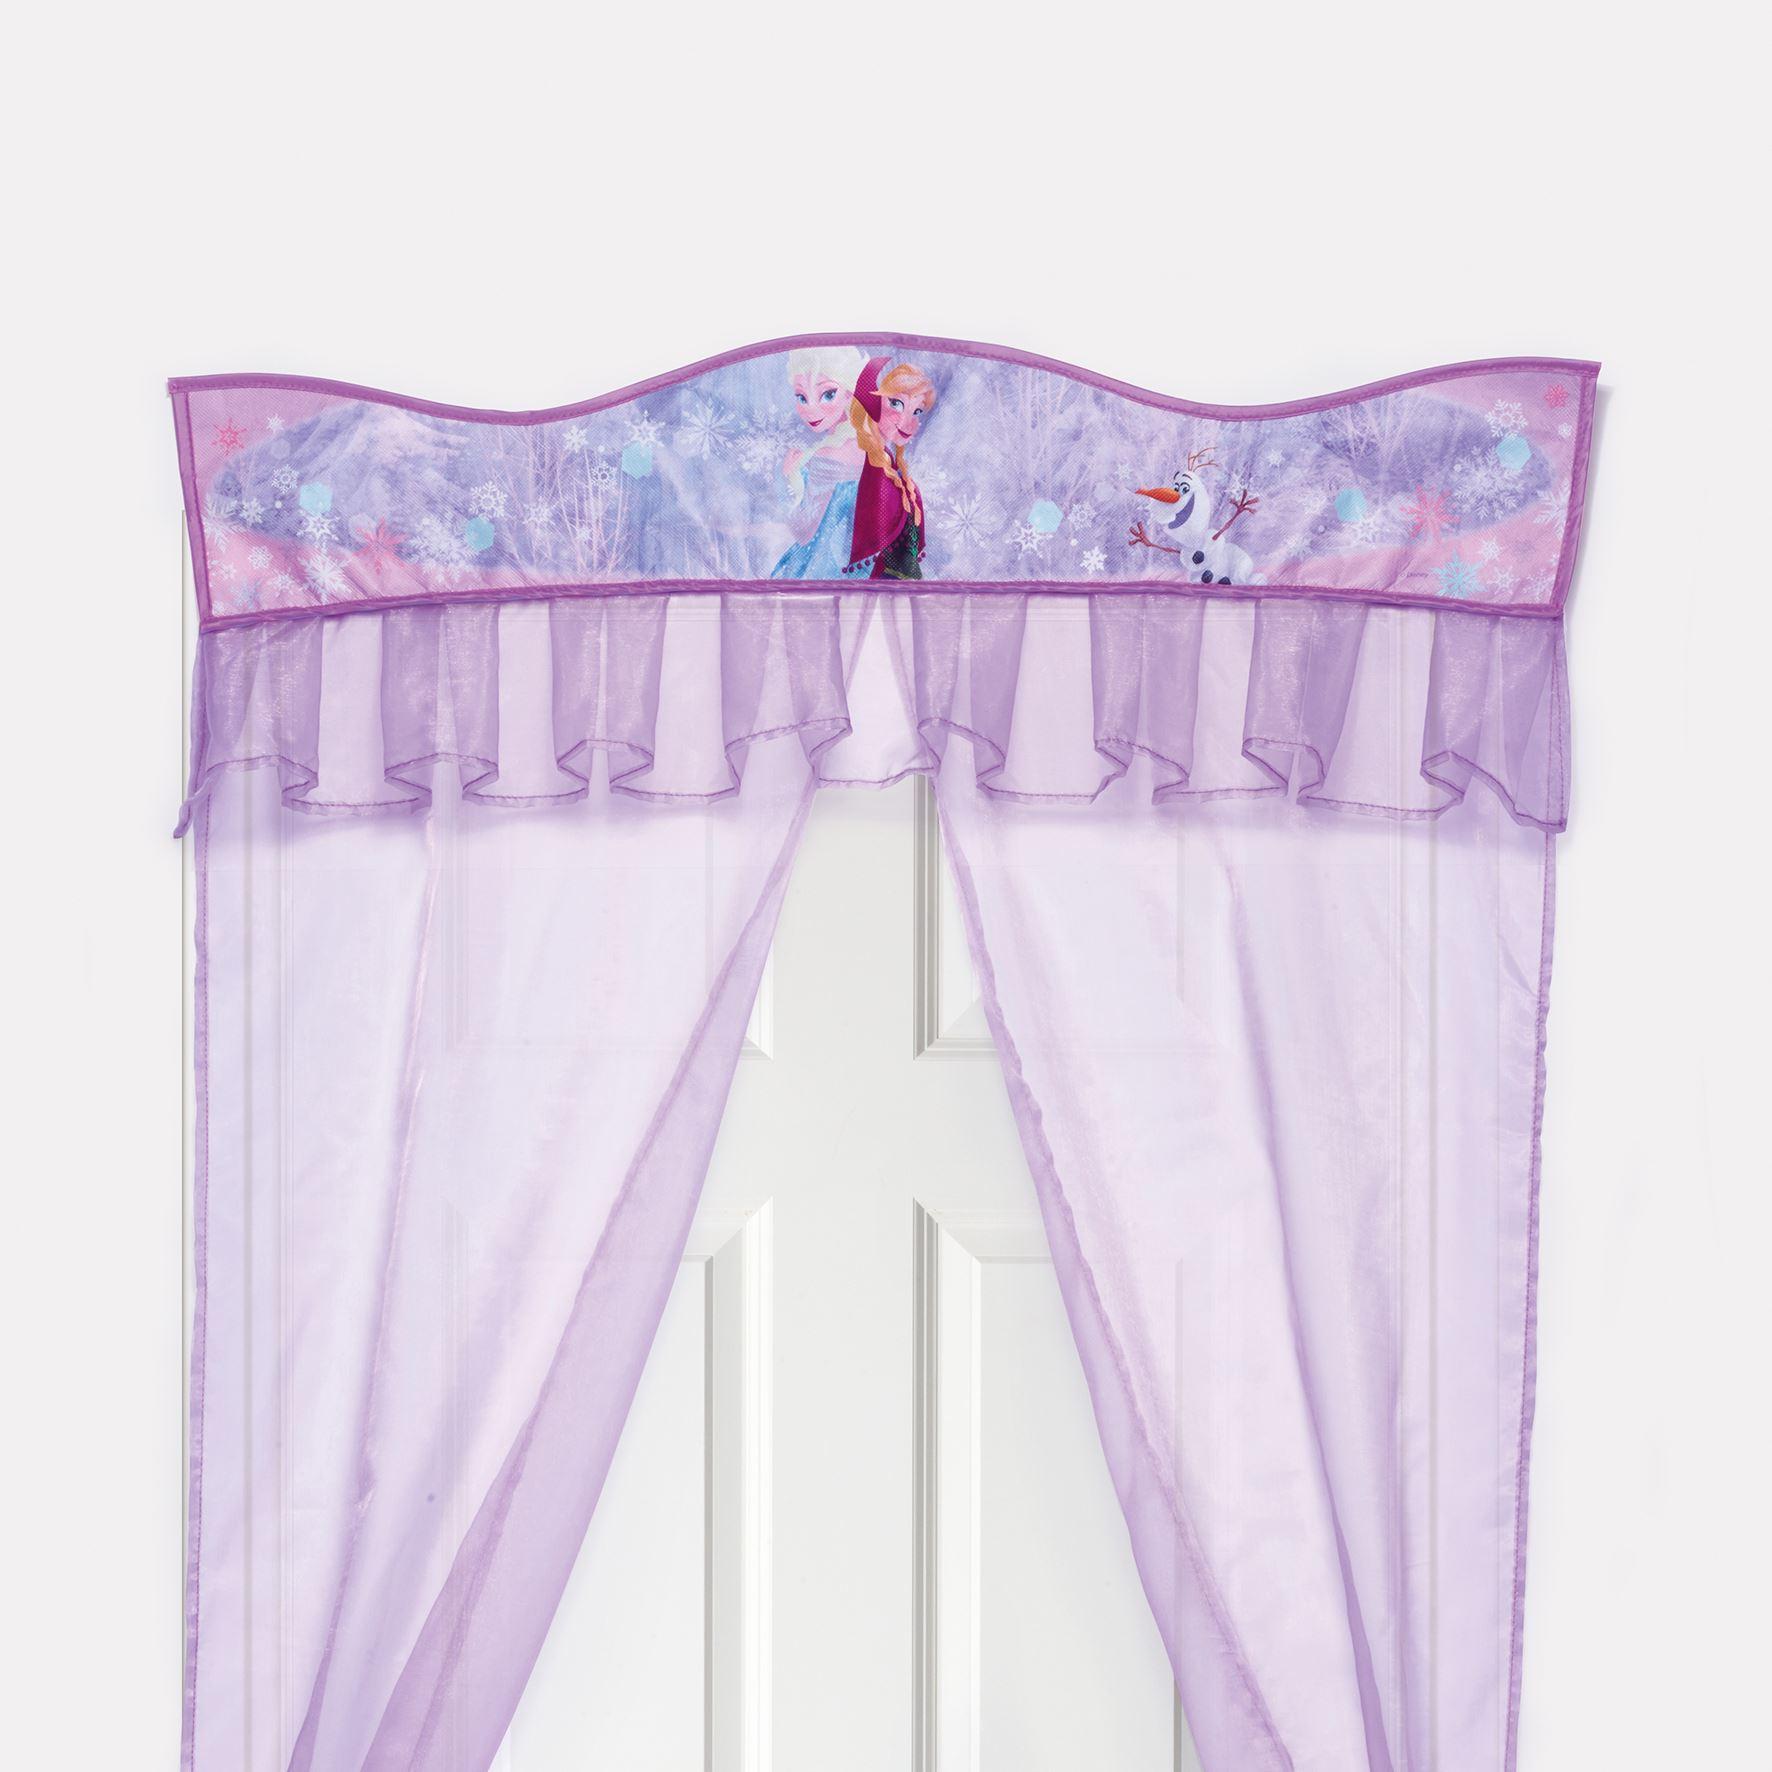 Disney Frozen Door Decor Curtain New Official Bedroom